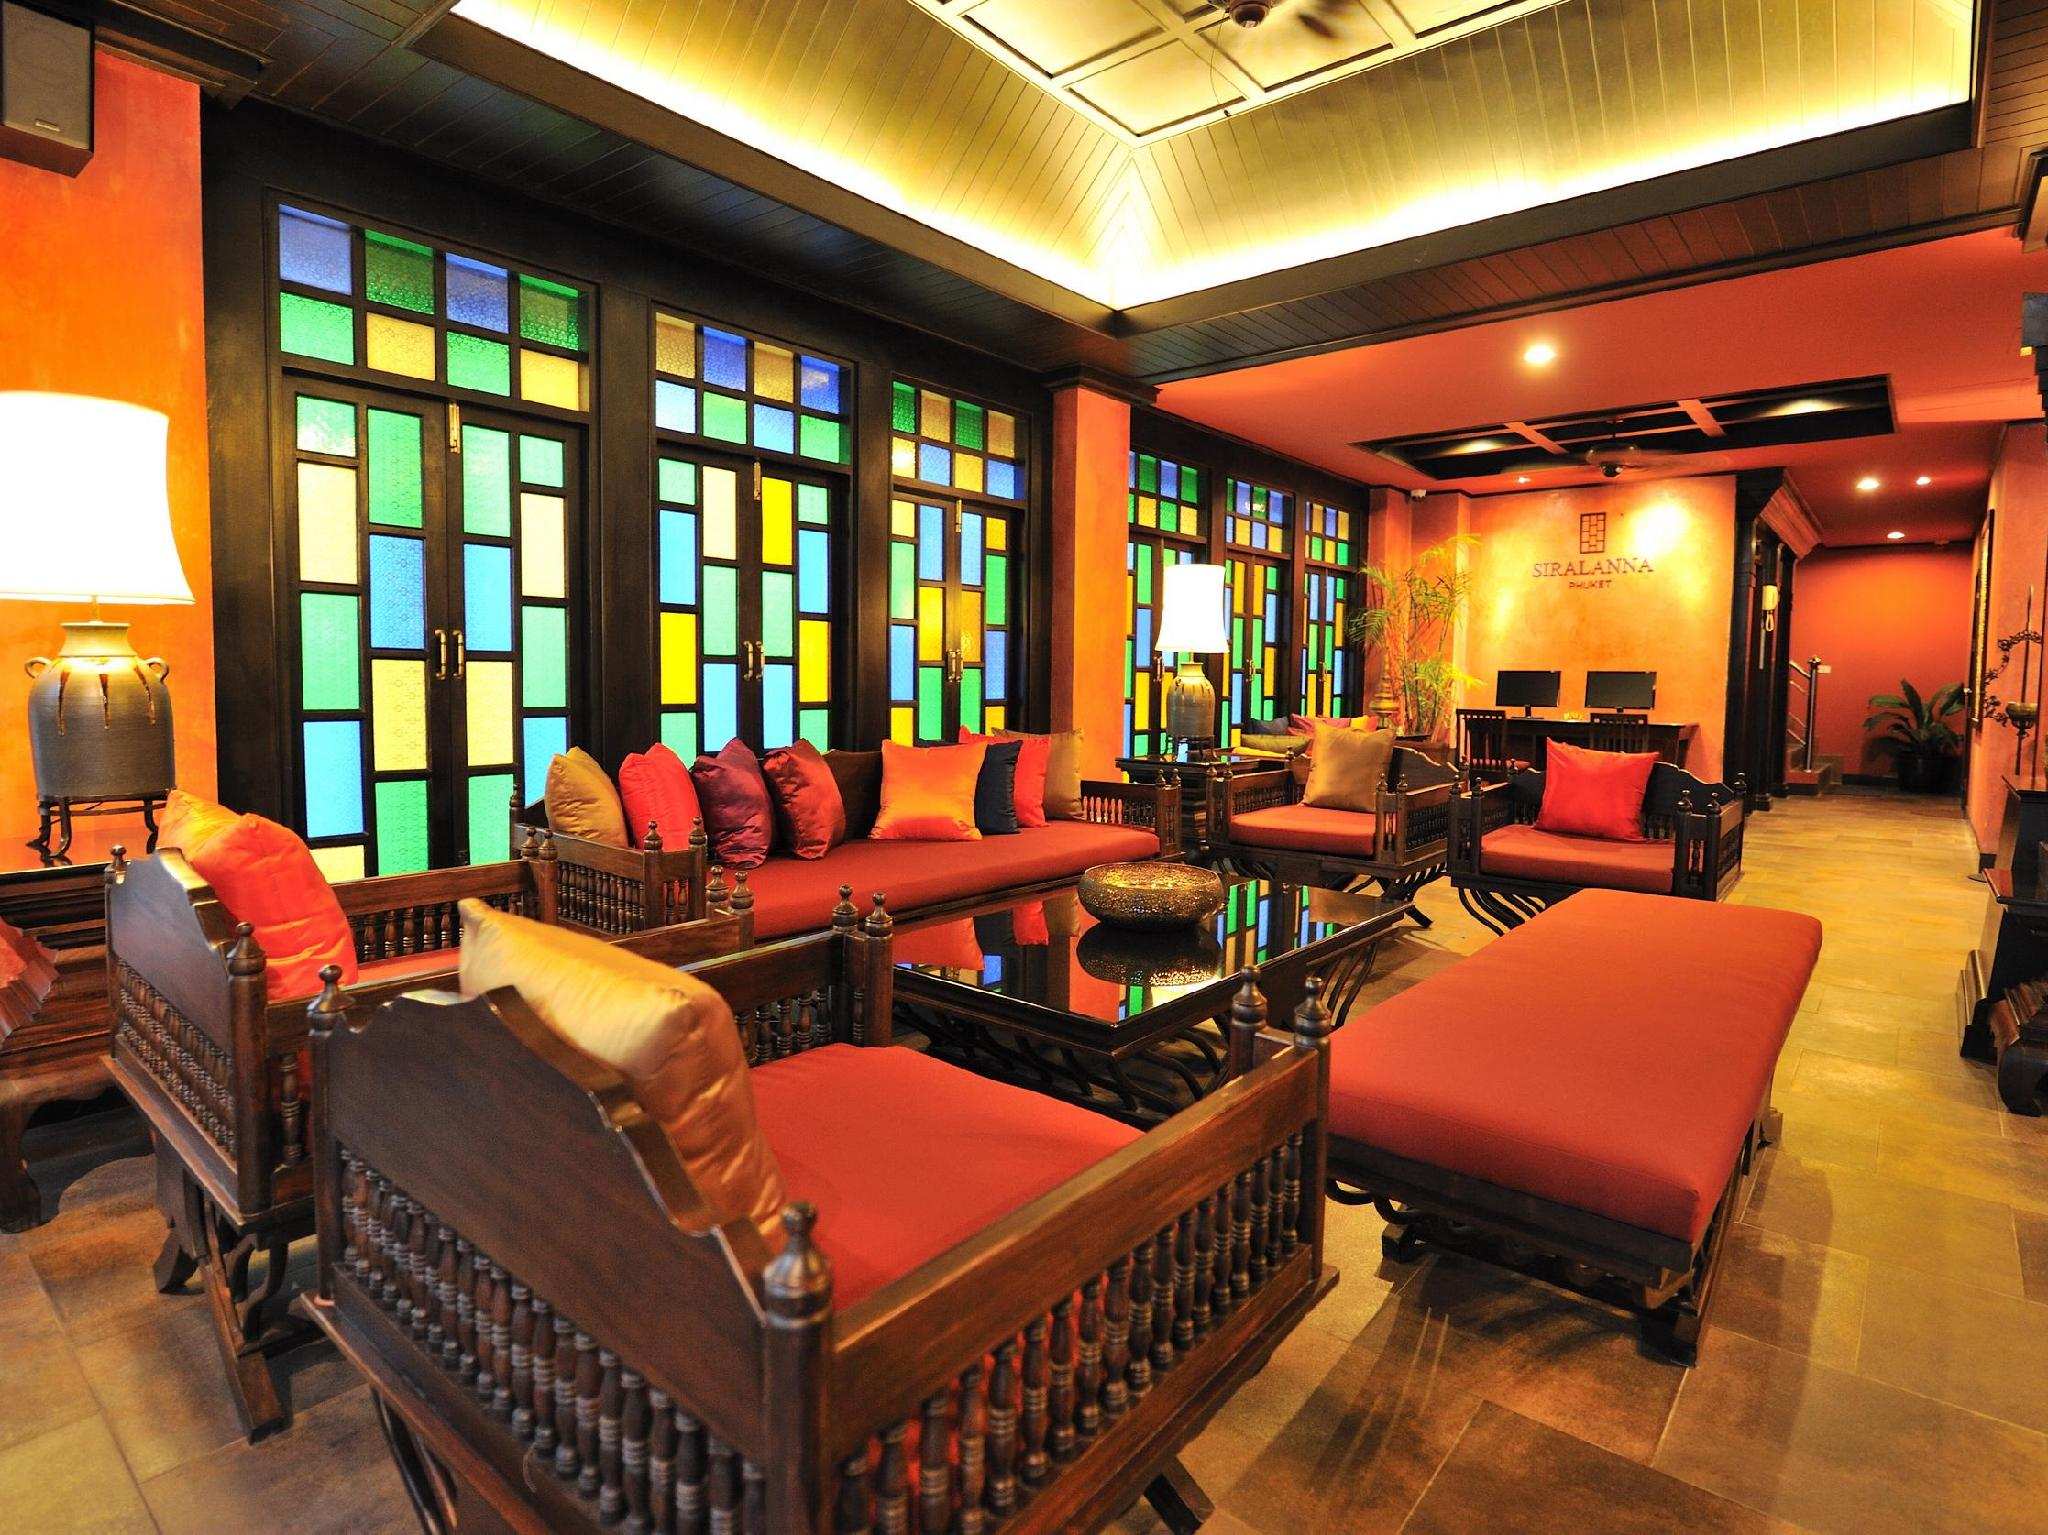 โรงแรมสิราลานนา ภูเก็ต